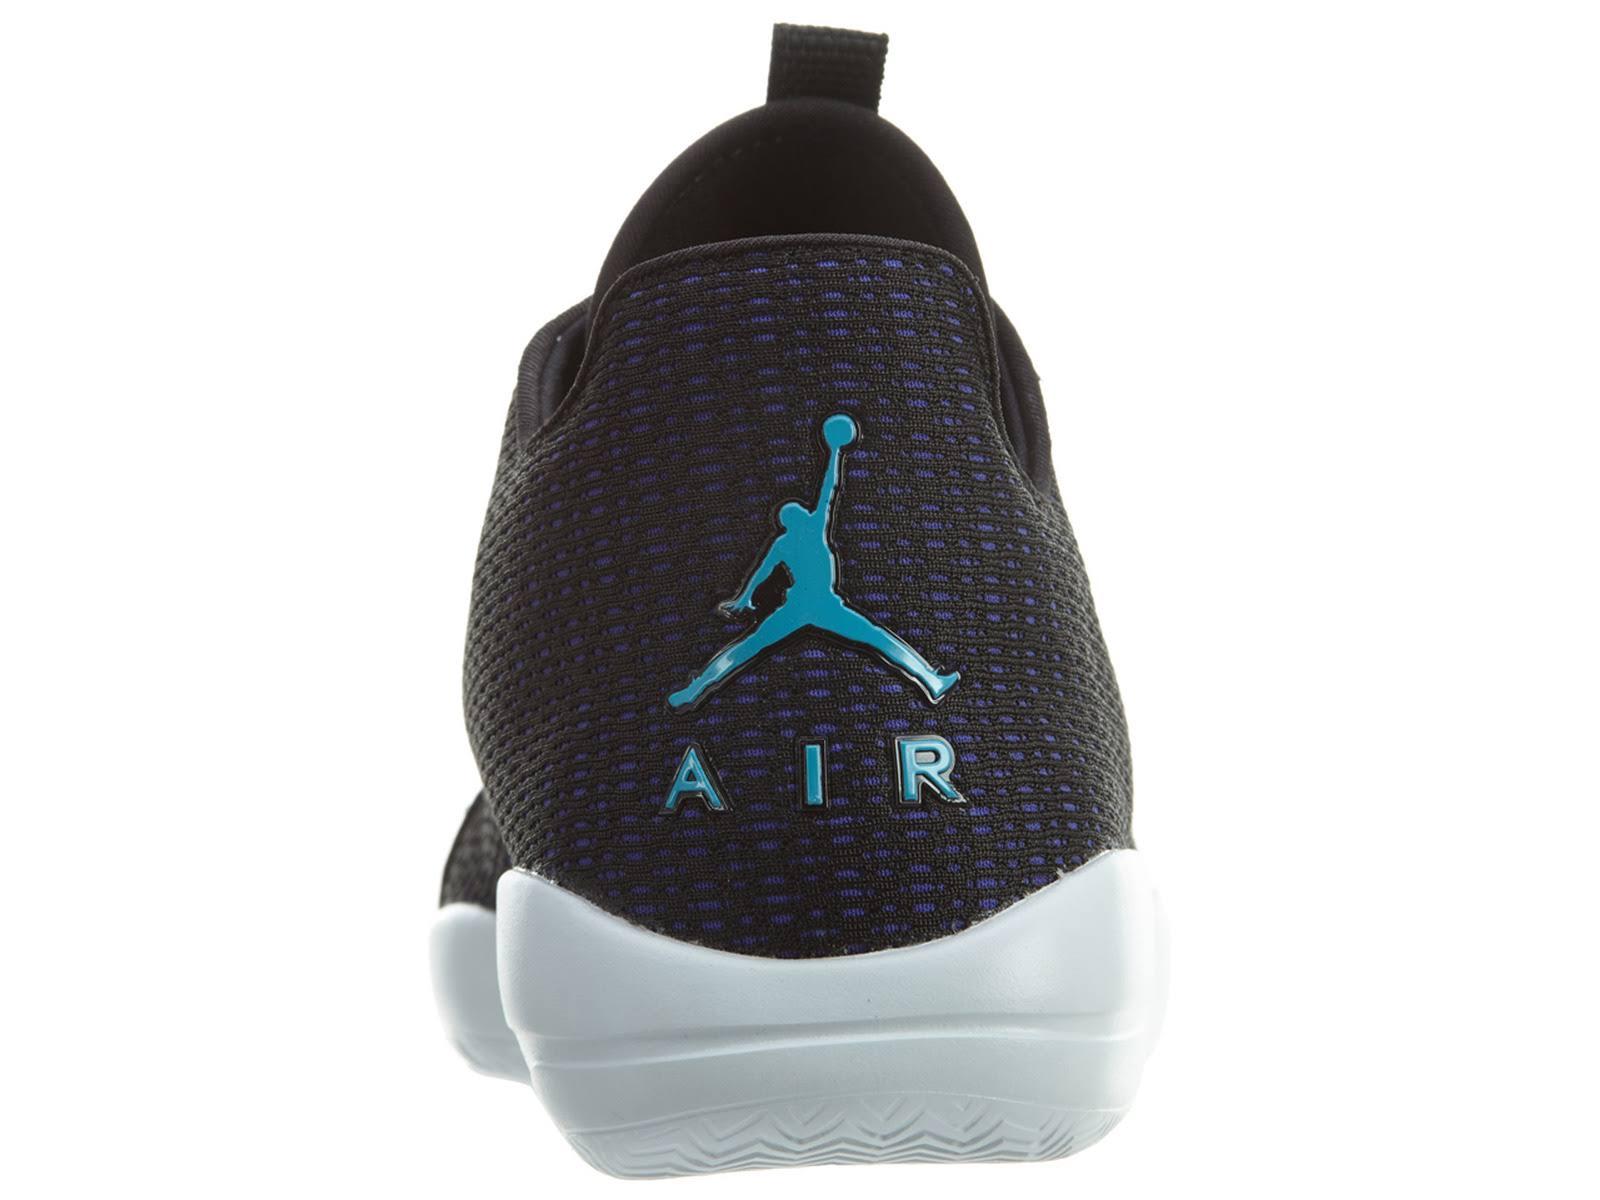 Herren Schwarz Für Laufschuh Jordan Eclipse Nike wpqIfzp